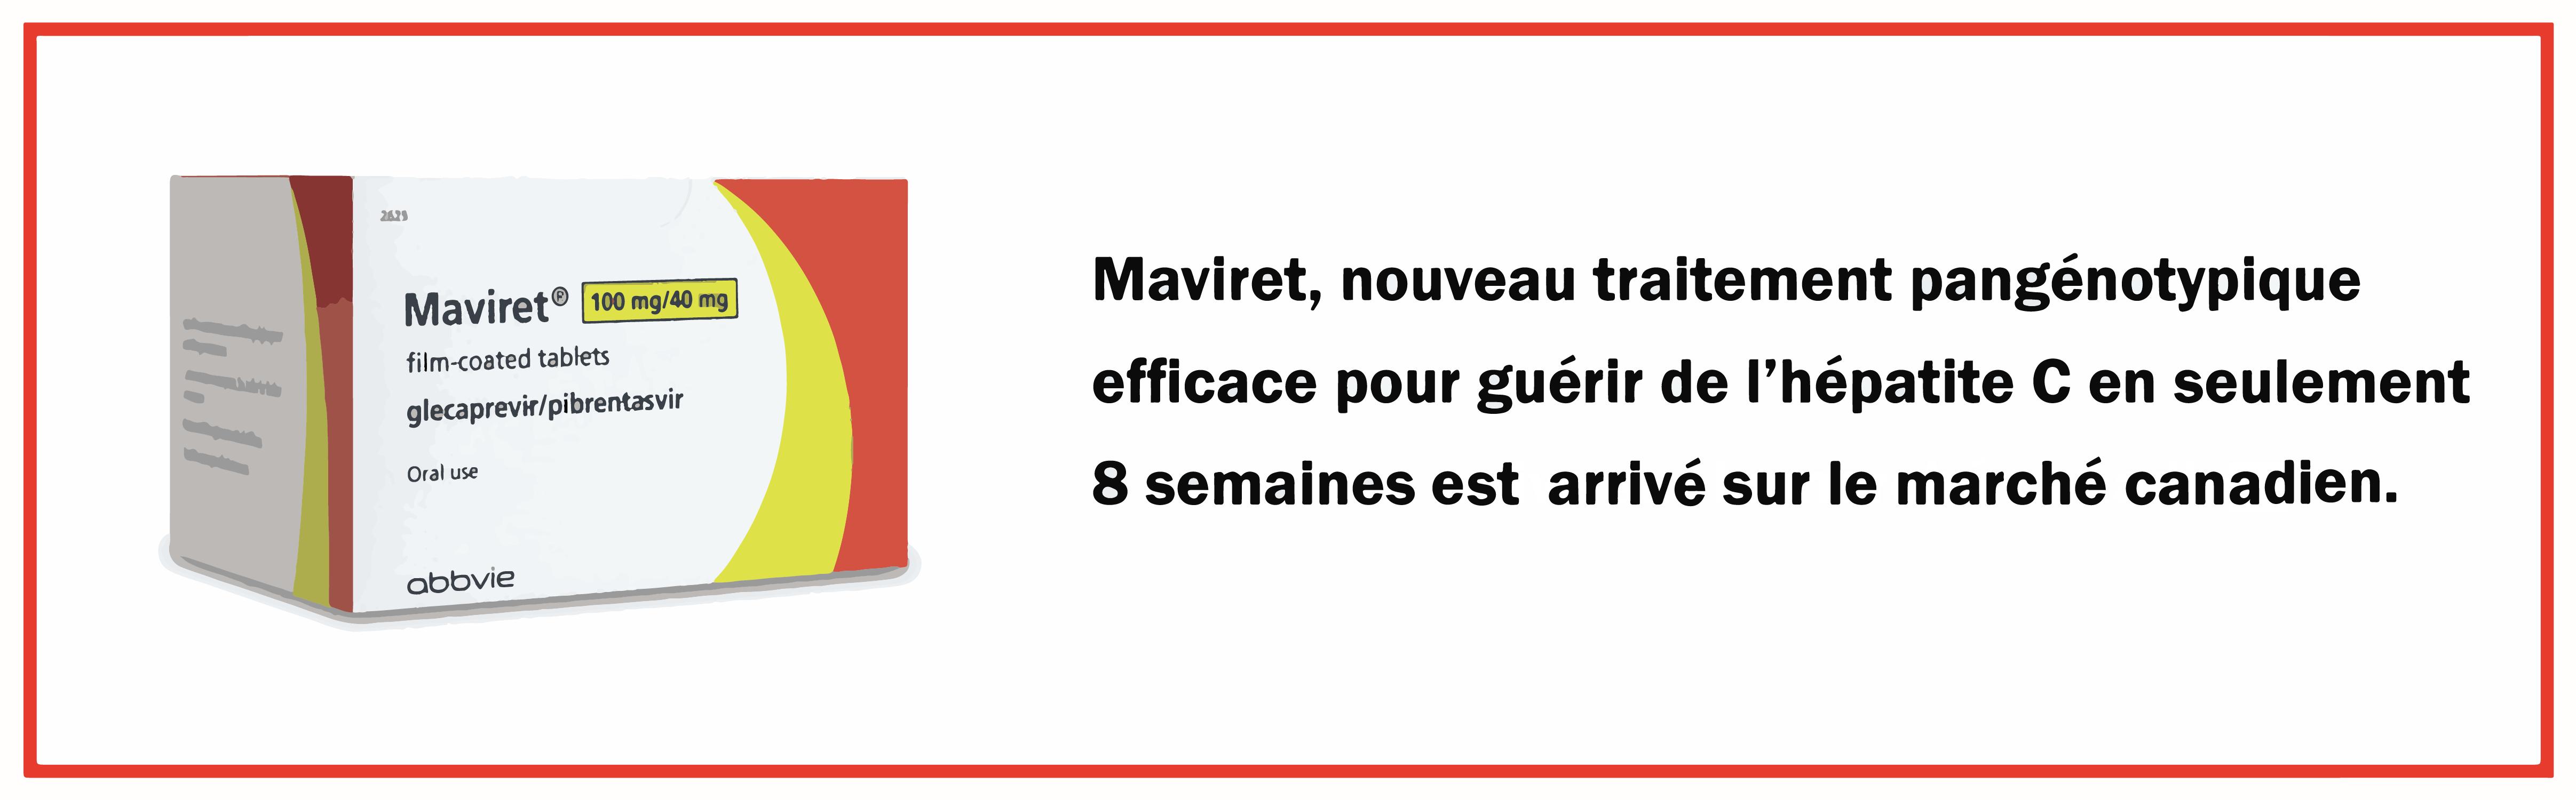 Le nouveau traitement Maviret pour l'Hépatite C est maintenant remboursé au Québec!